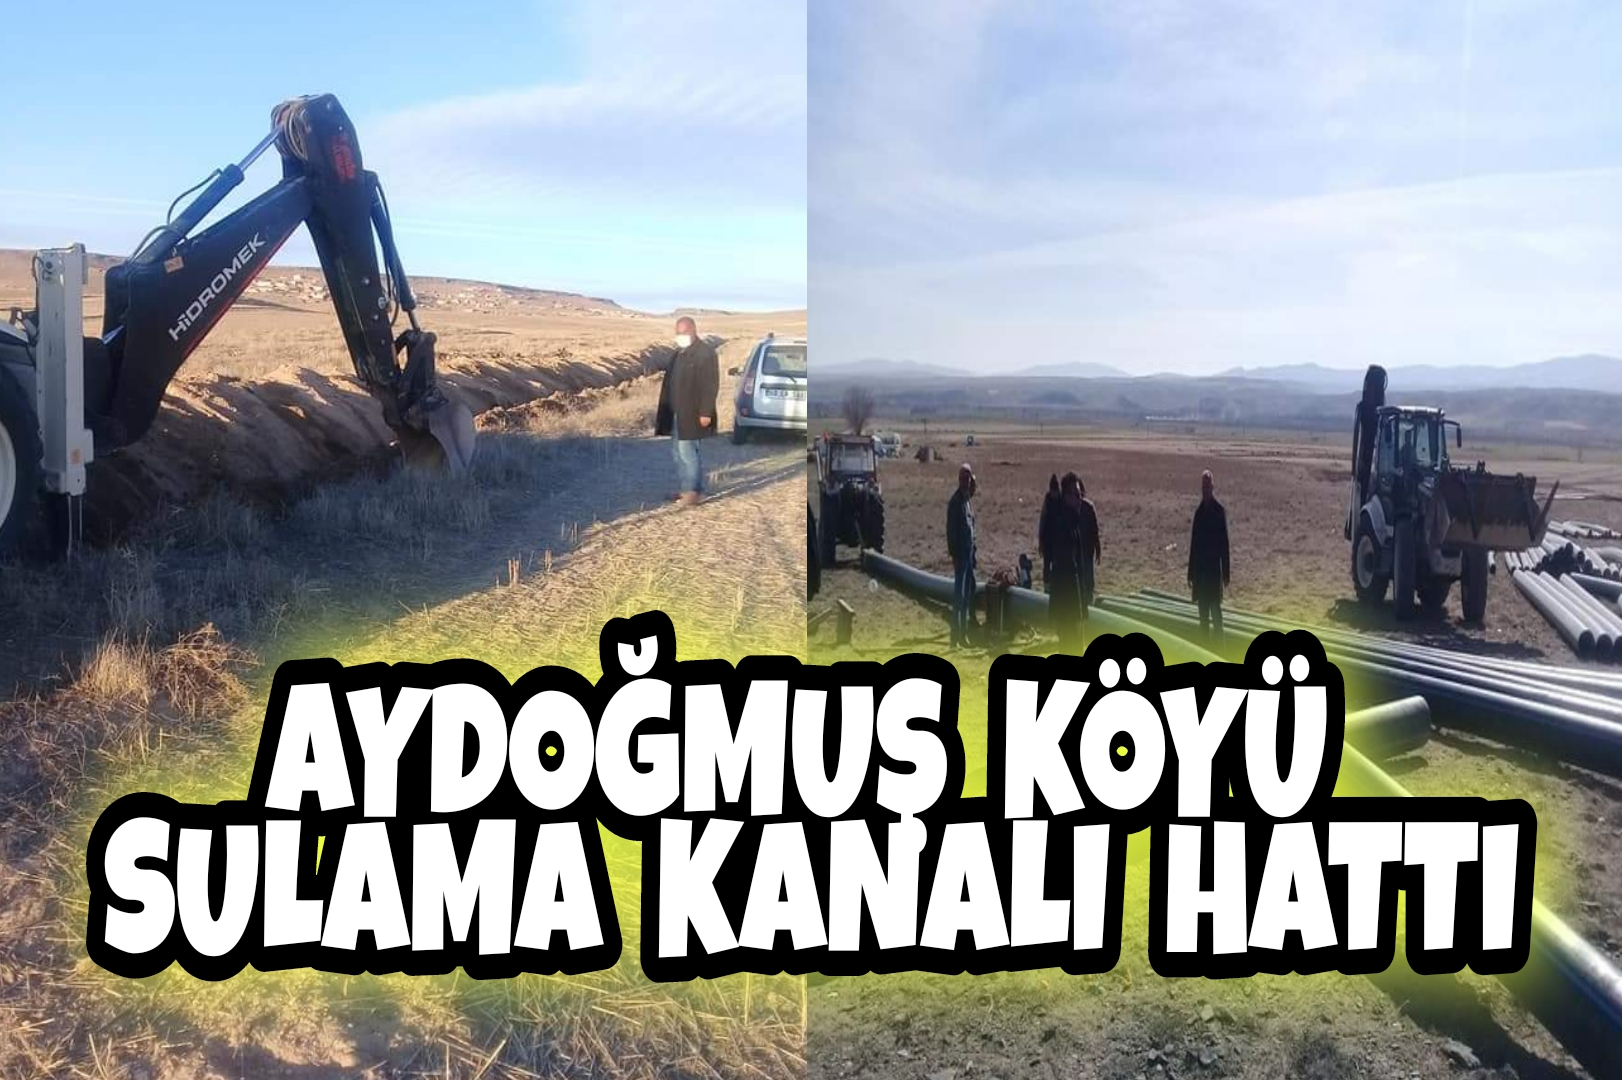 AYDOĞMUŞ KÖYÜ SULAMA KANALI TAMAM !!